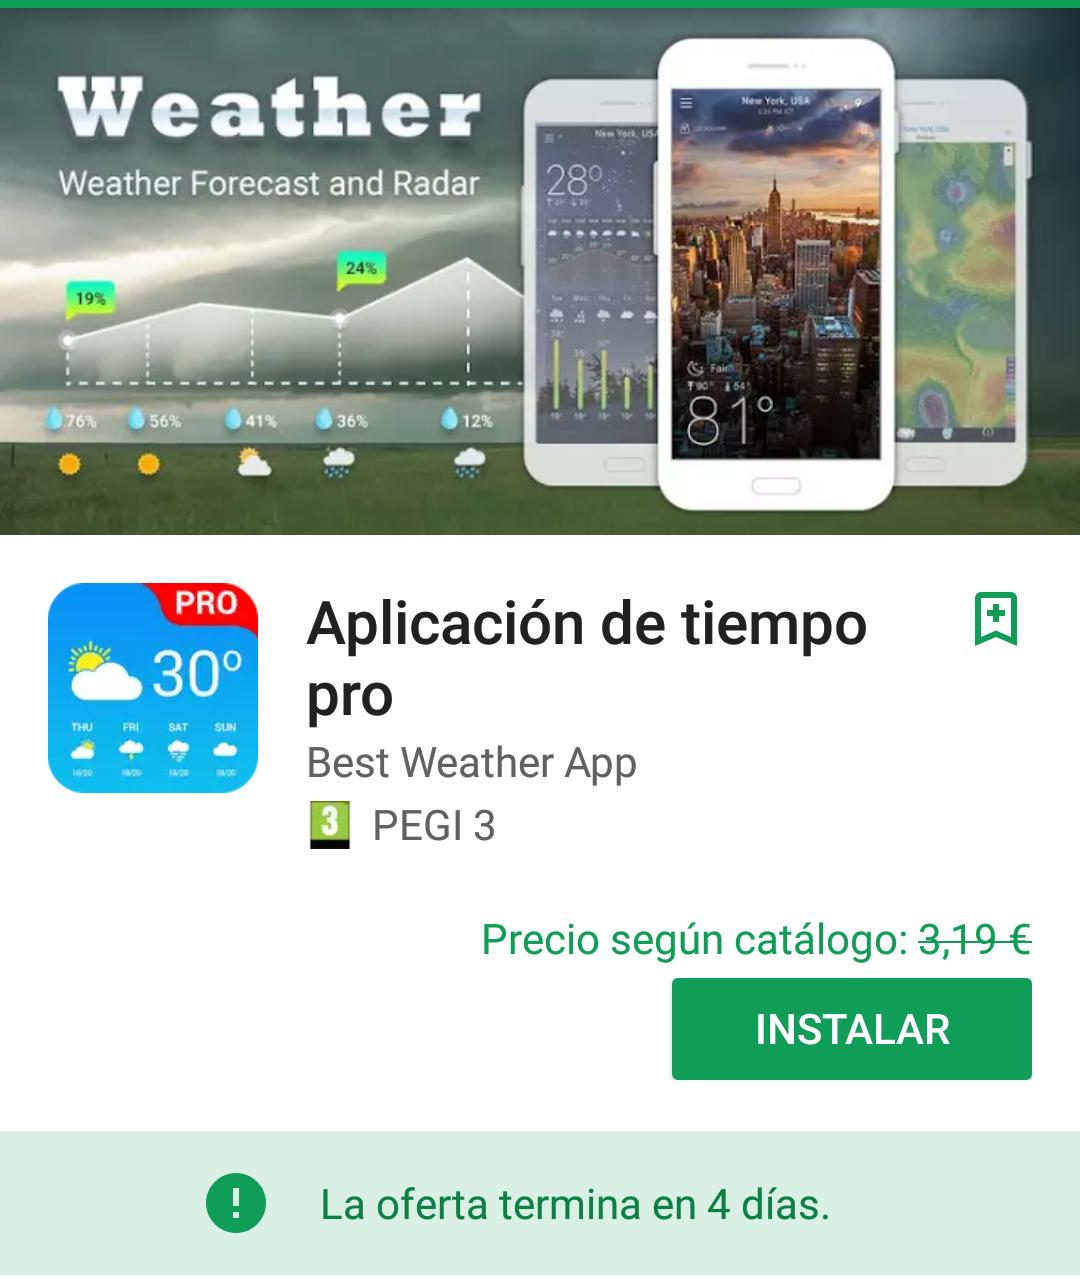 Aplicaci n del tiempo pro for Aplicacion del clima